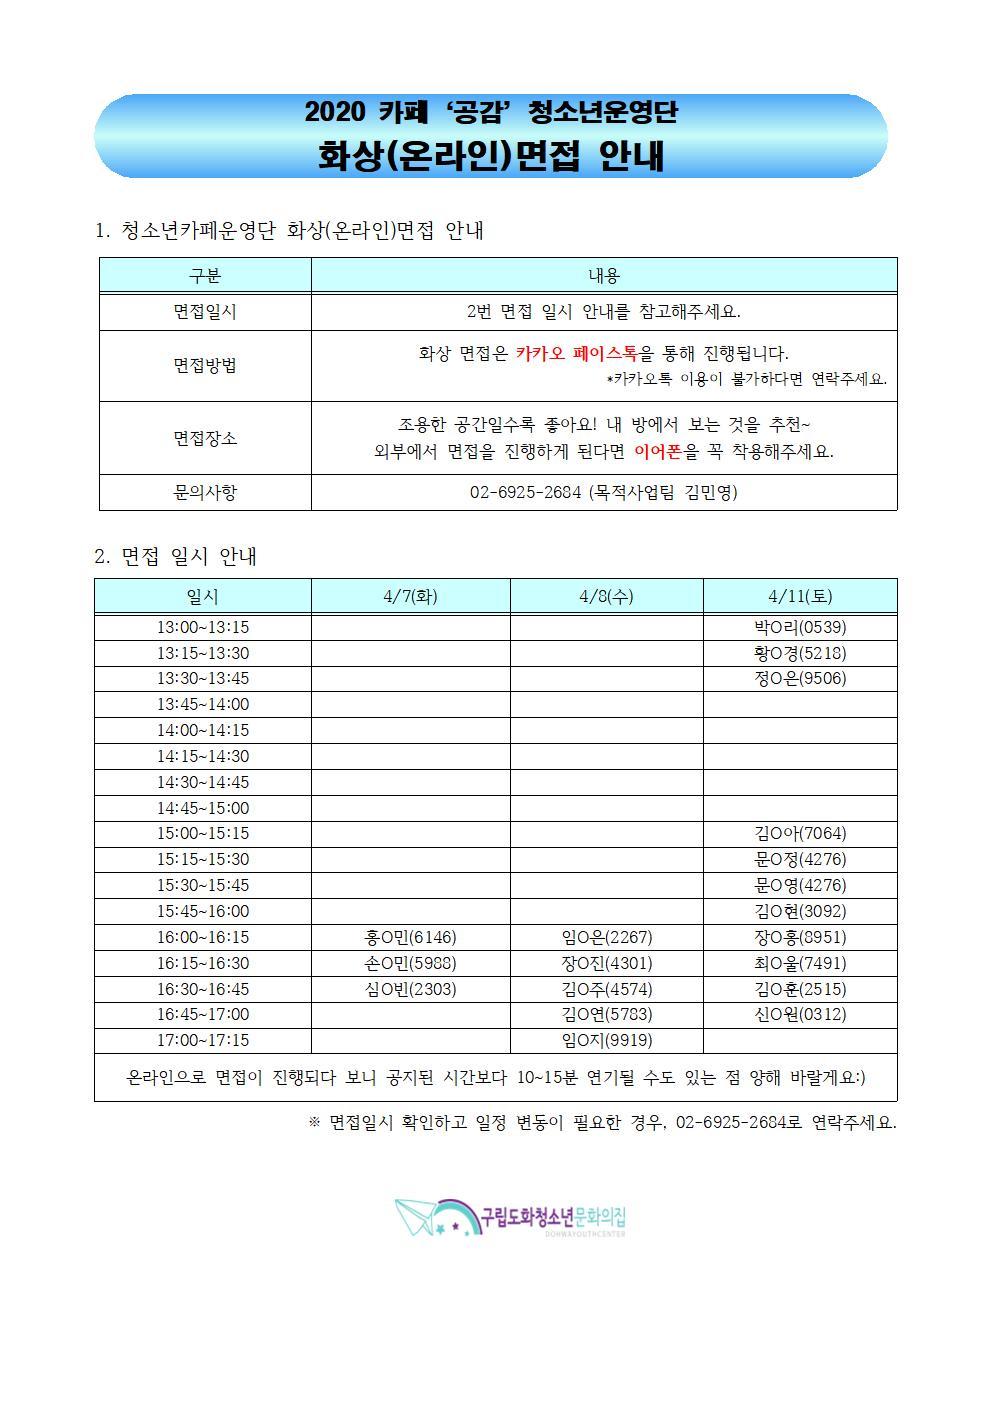 2020 청소년카페운영단 면접 안내_공지용001.jpg